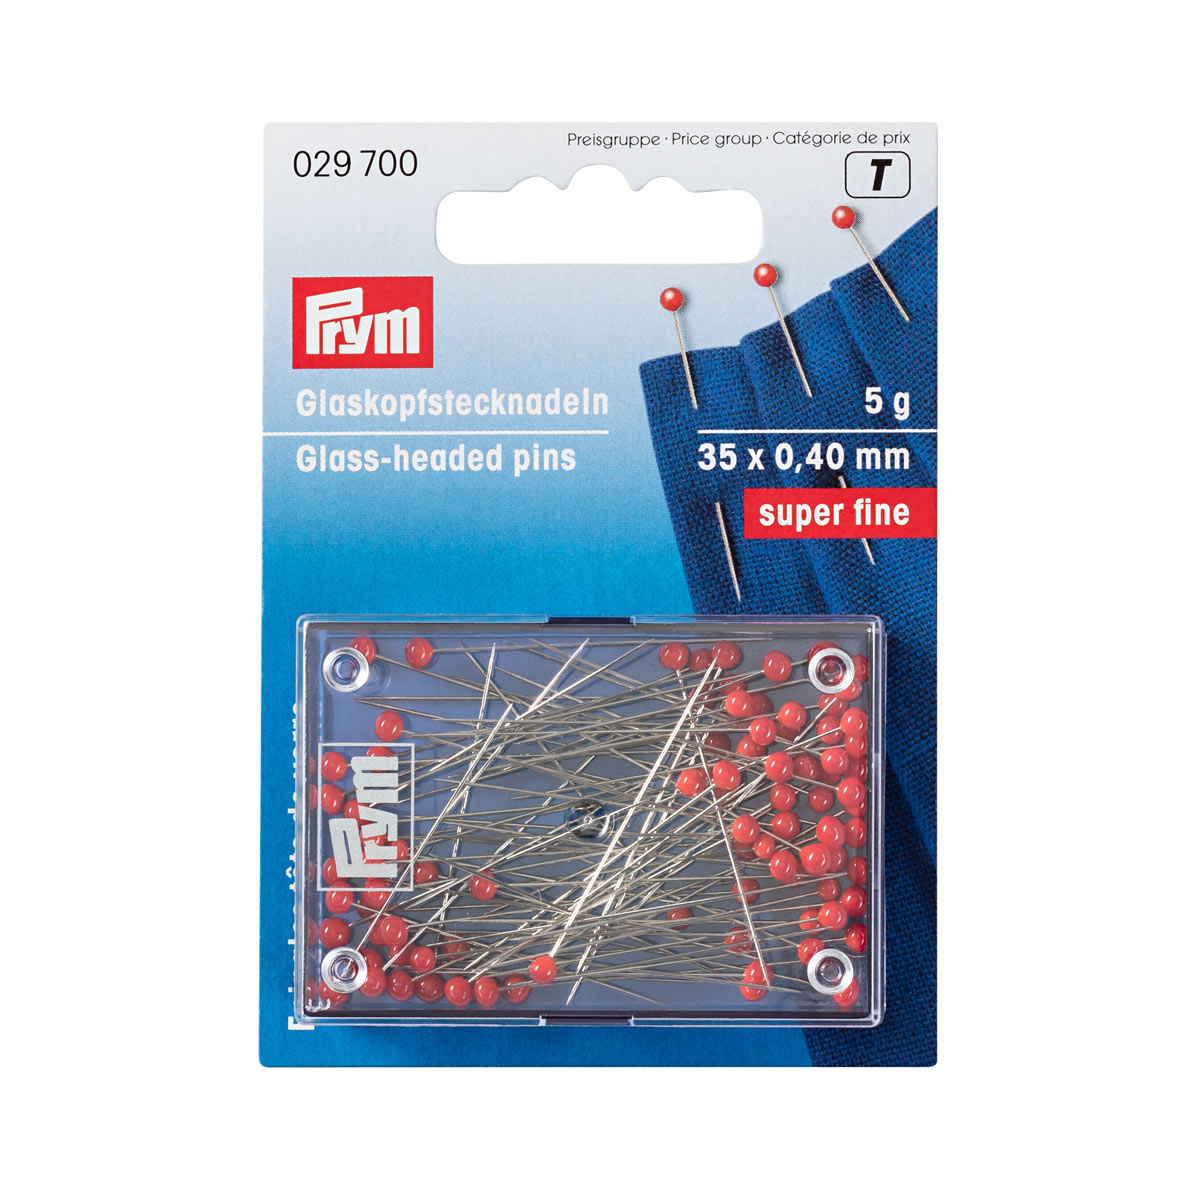 029700 Булавки с красными стеклянными головками для тонких тканей 35х0,40мм, серебристые Prym